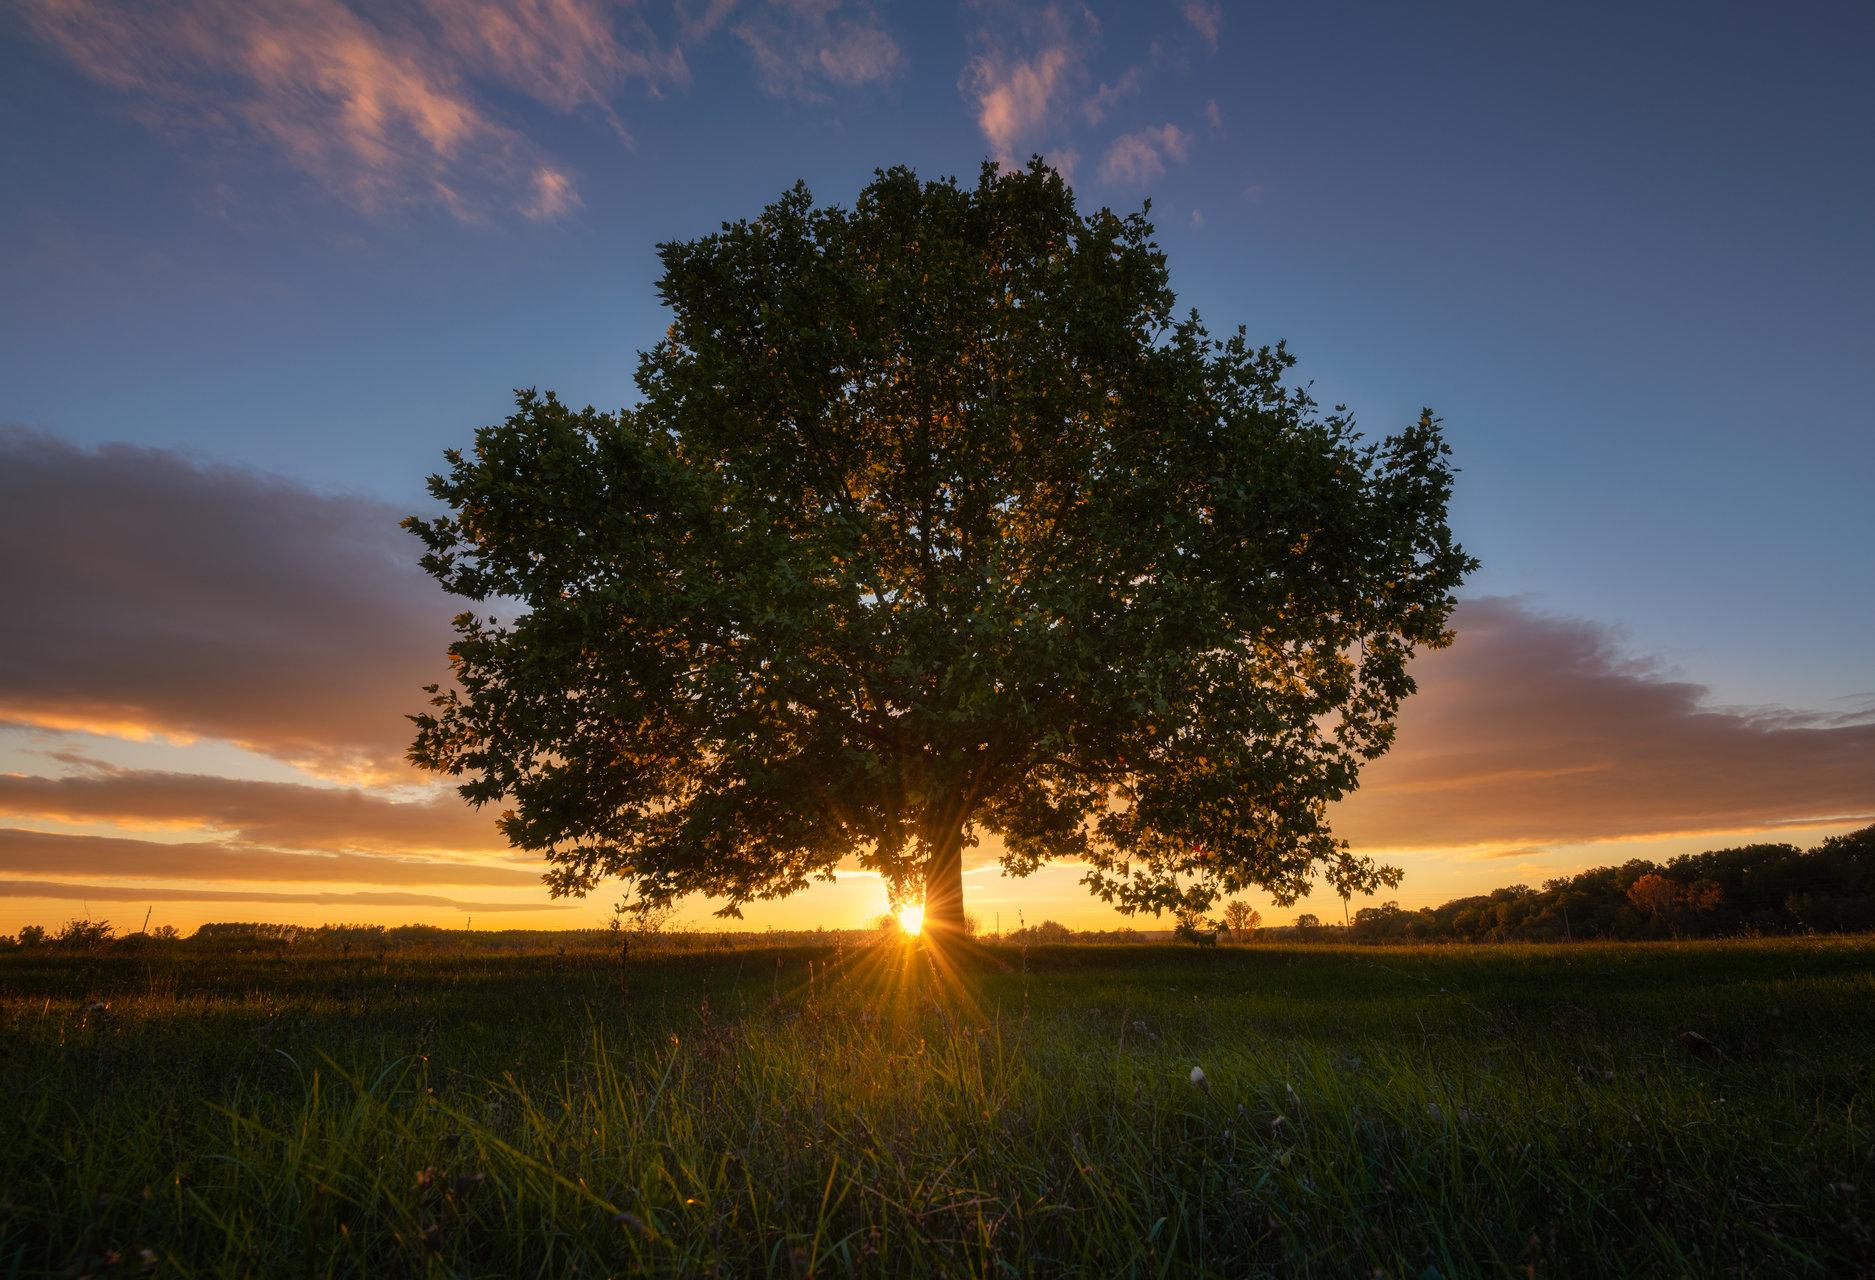 Photo in Nature | Author Boyko Valchev - boiko90 | PHOTO FORUM